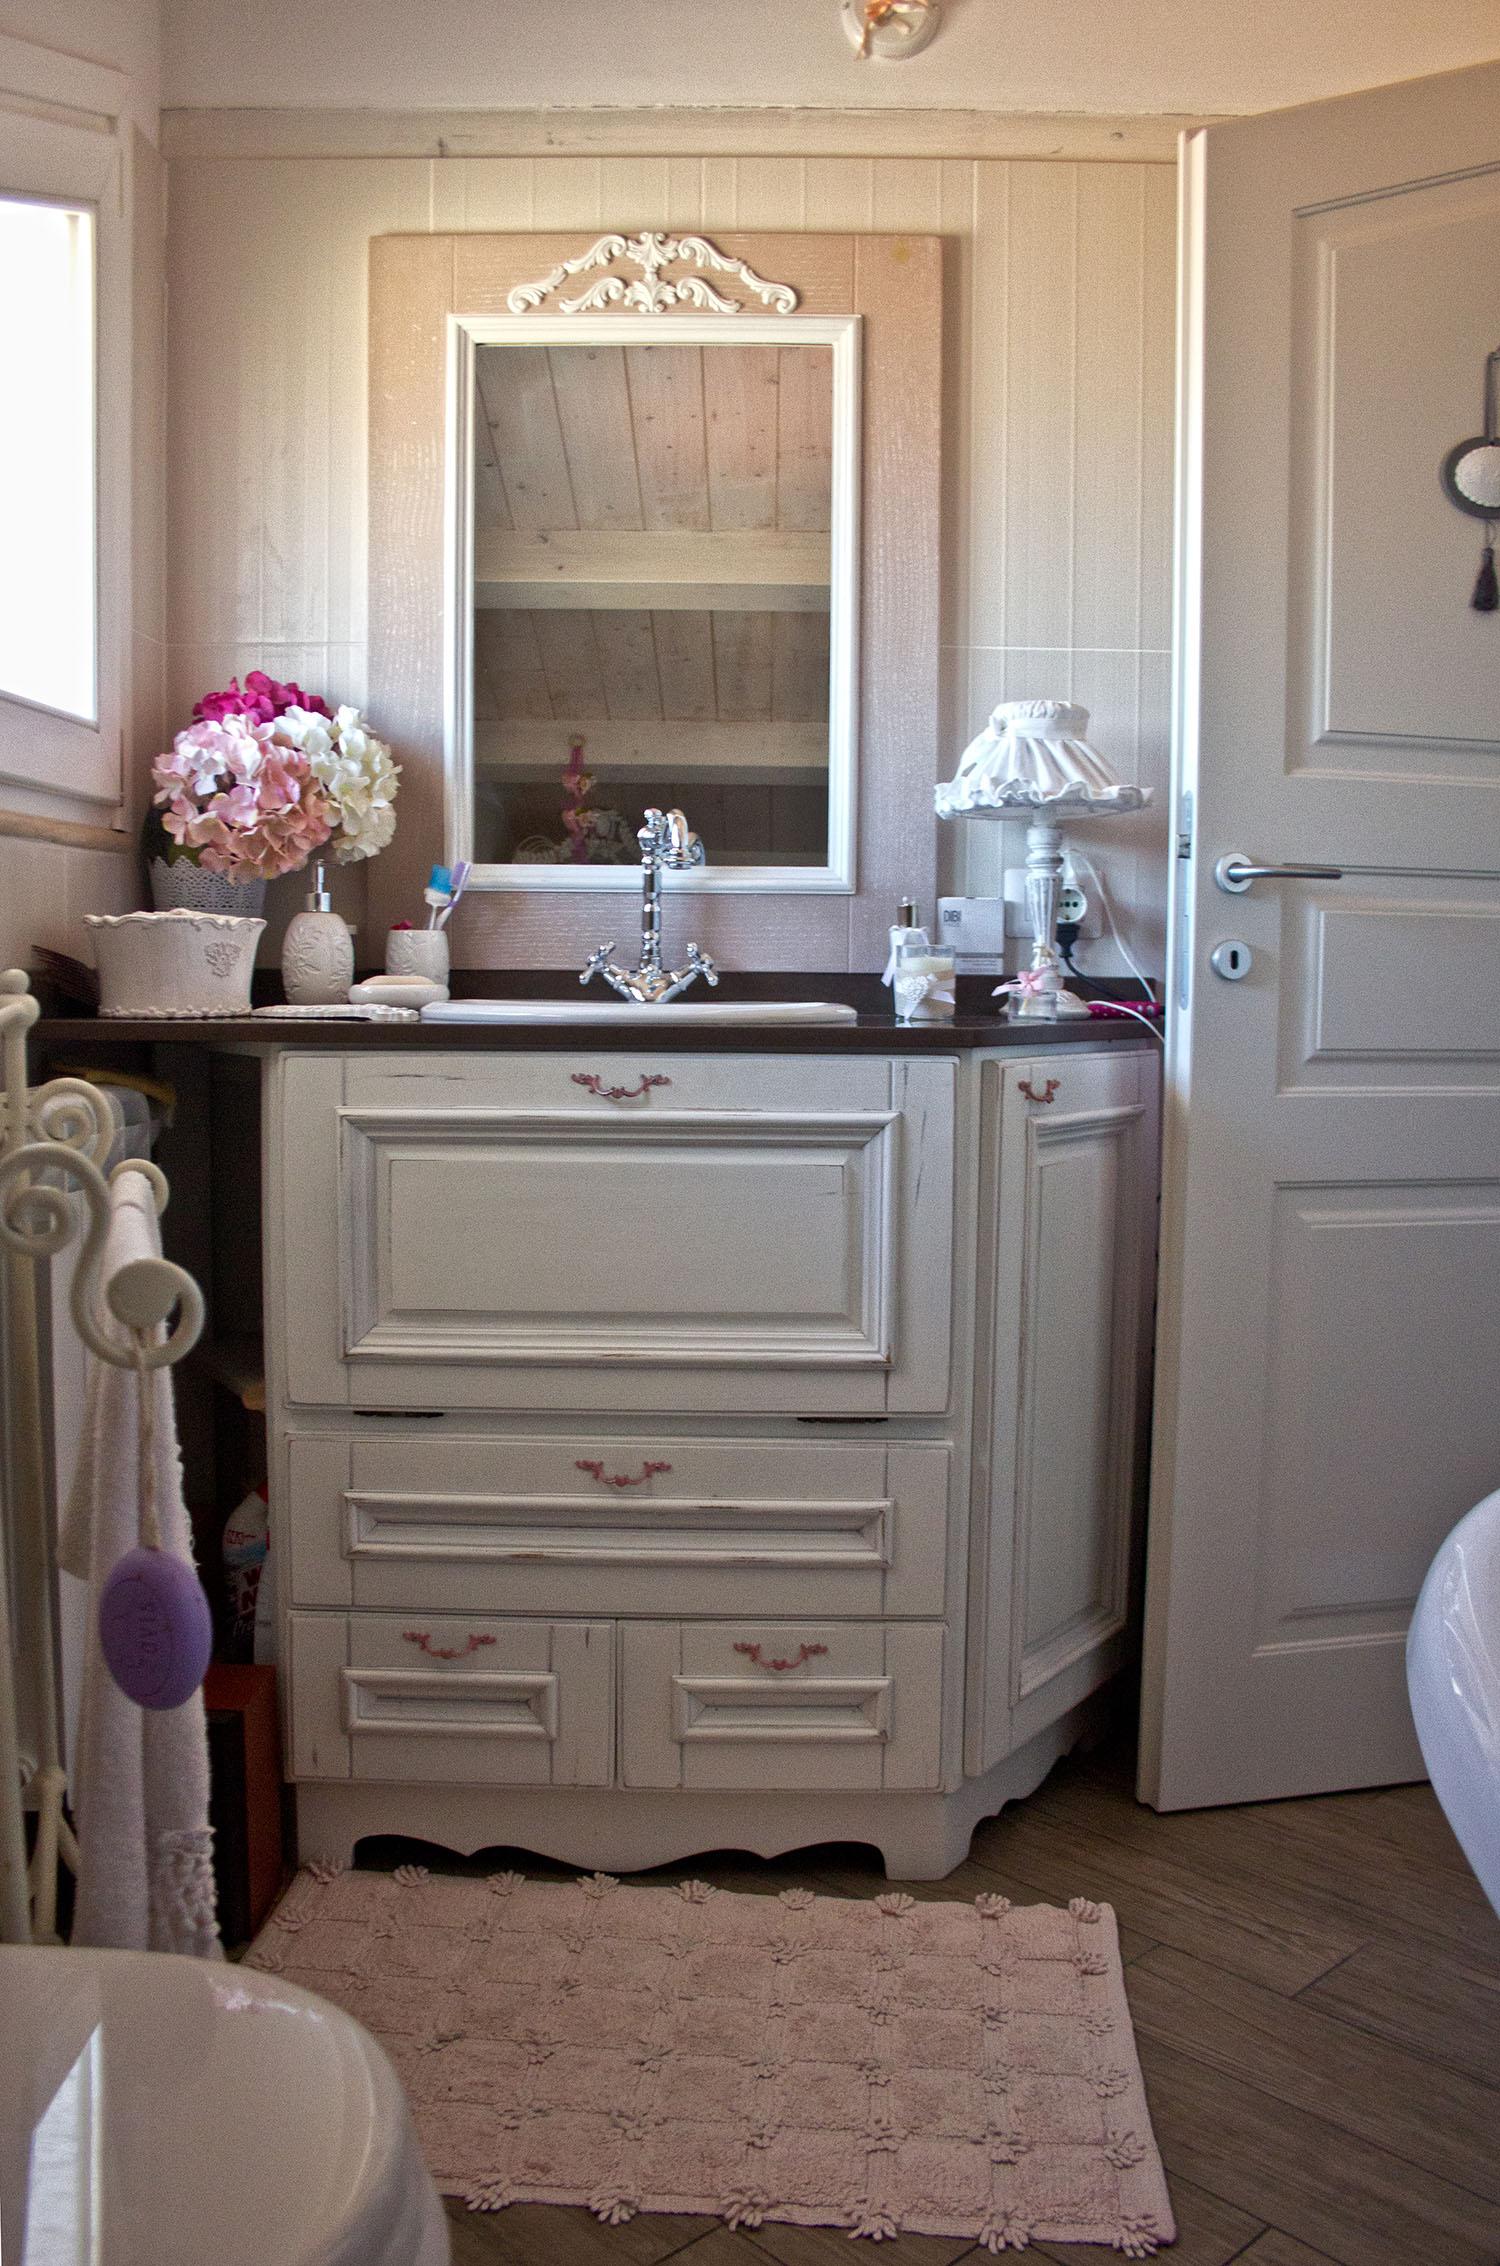 arredo bagno roma falegnameria su misura (1)